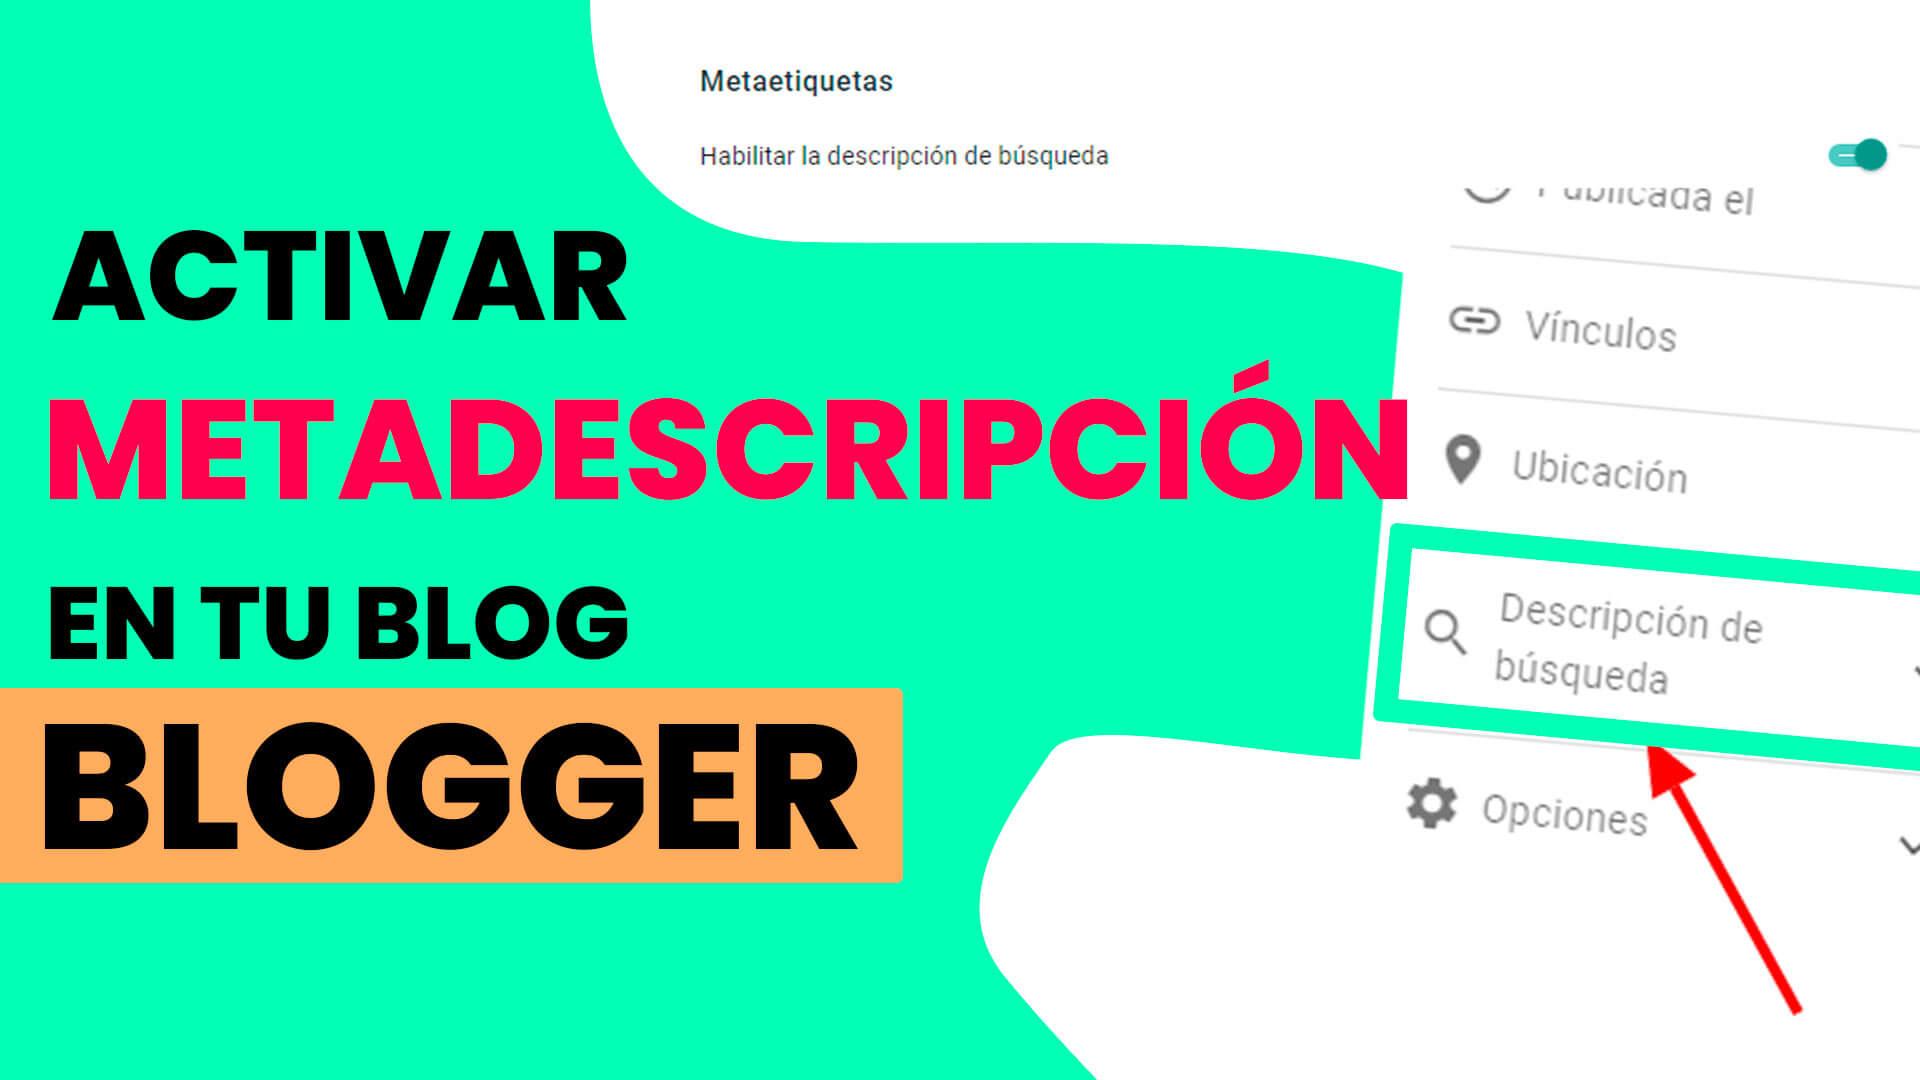 como Activar metadescripciónes en blog de blogger 2020